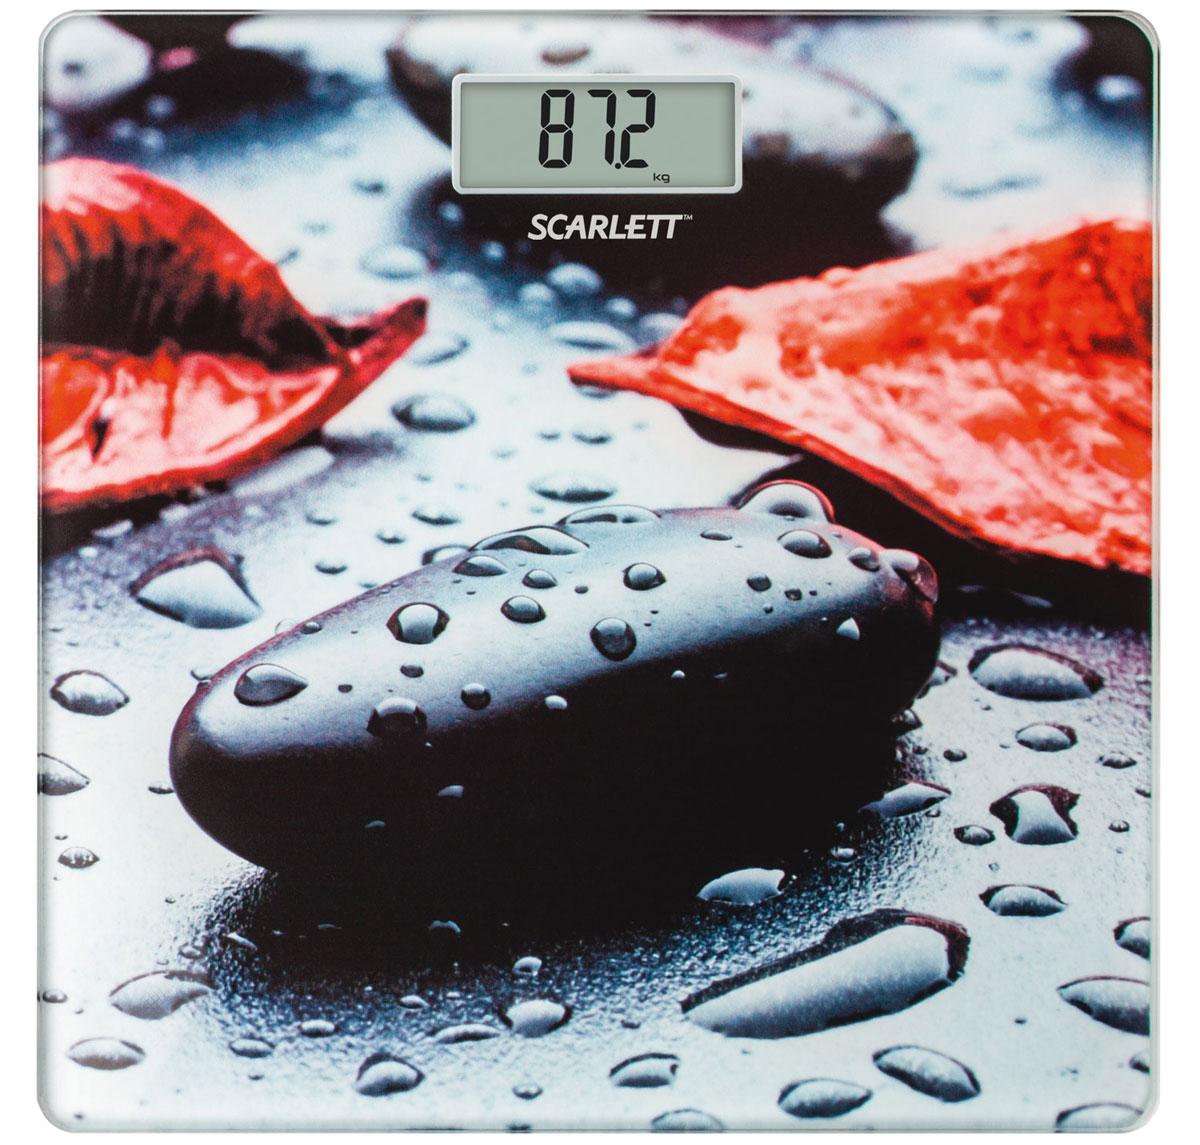 Scarlett SC-BS33E052 Rock весы напольныеSC-BS33E052Напольные весы Scarlett SC-BS33E052 имеют уникальный дизайн платформы. Это простой и удобный способ контролировать свой вес. Максимальная нагрузка на данную модель может составлять 180 кг.При перегрузе загорится предупреждающий сигнал. Также специальная индикация сообщит пользователям о необходимости замены элемента питания. Чтобы весы начали работать, достаточно просто встать на них. После взвешивания прибор отключится самостоятельно.Высокочувствительные датчикиИндикатор перегрузкиИндикатор батарейкиЦифровой жидкокристаллический дисплейПрорезиненные ножки